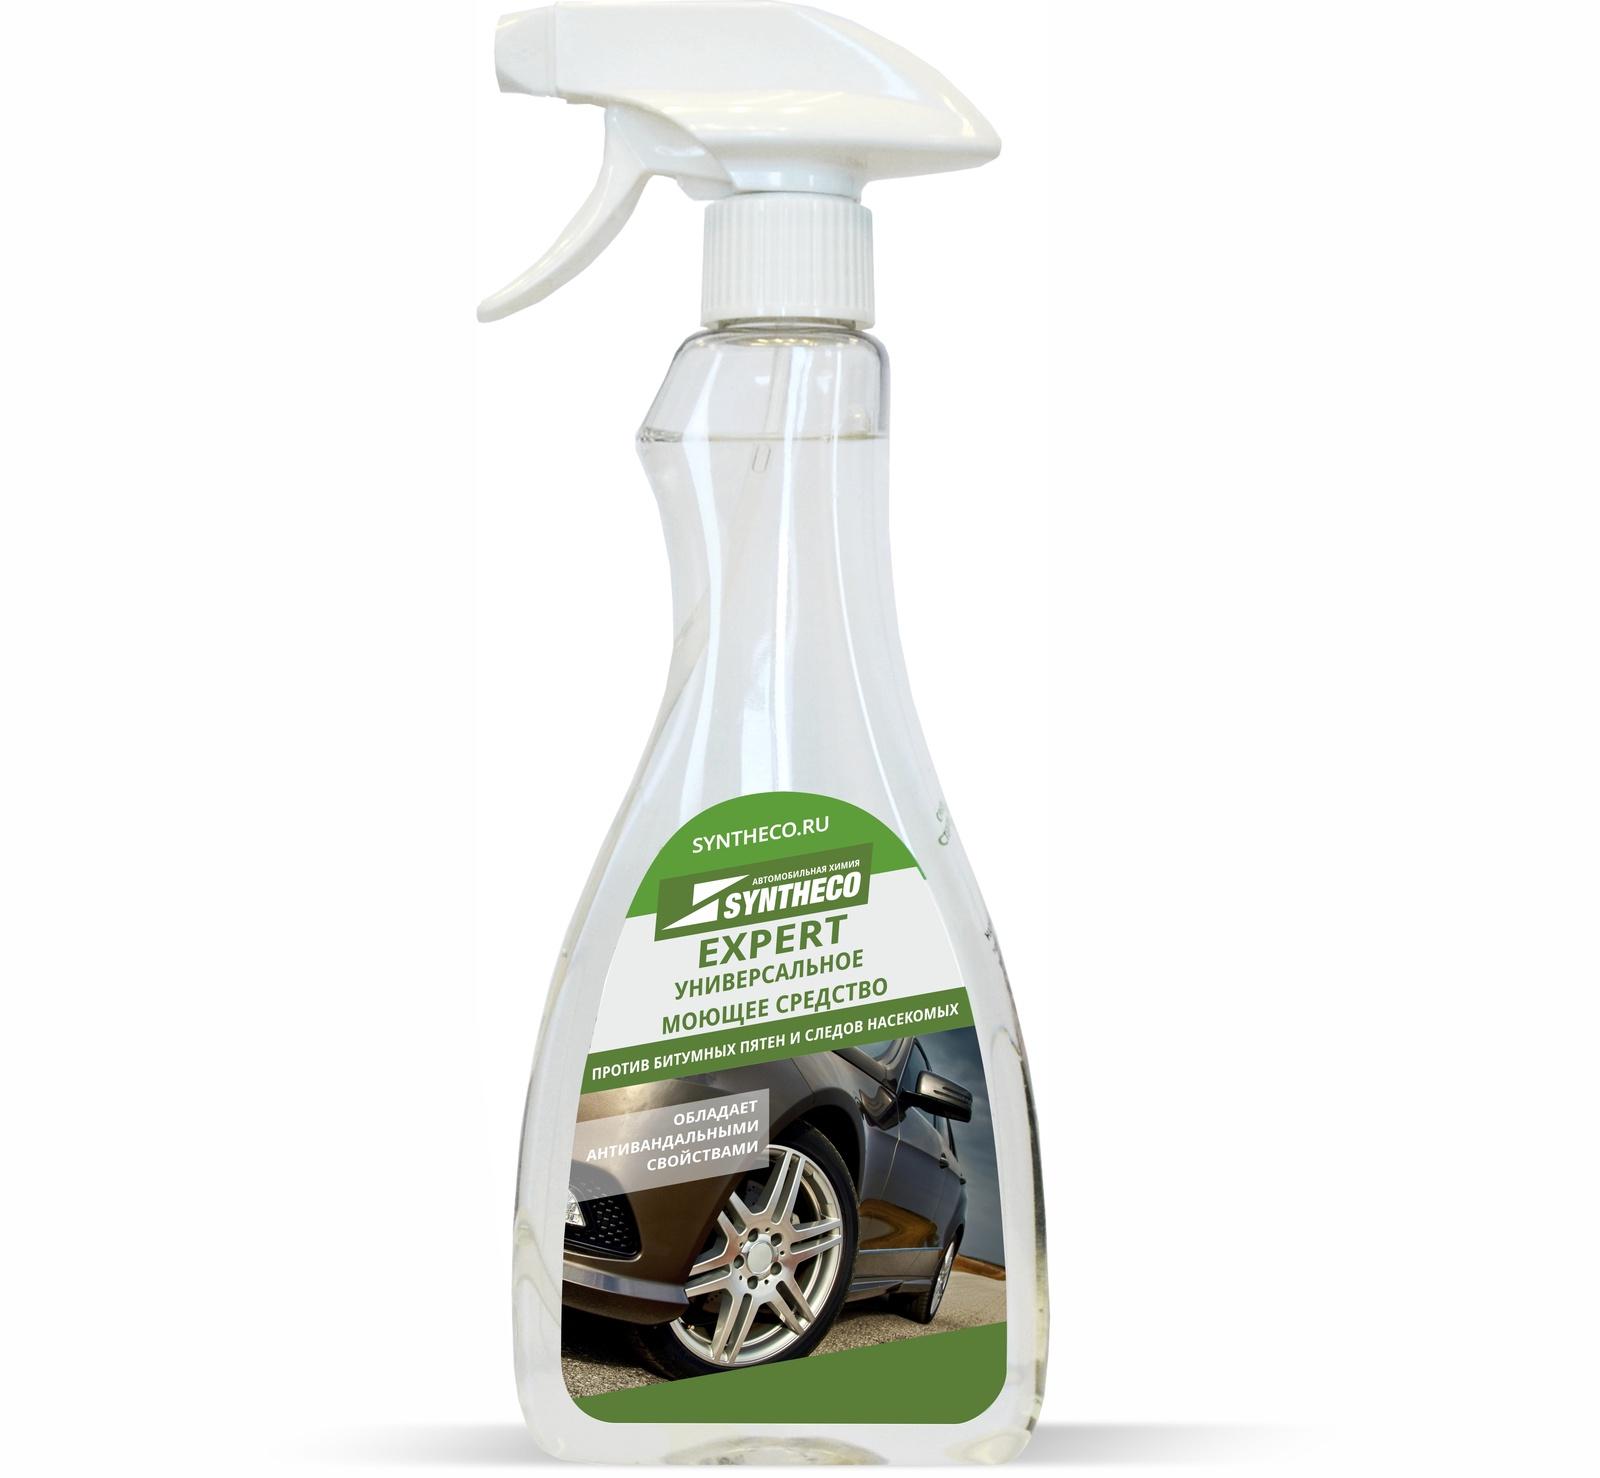 Очиститель кузова Syntheco Универсальное моющее средство (очиститель битумных пятен)